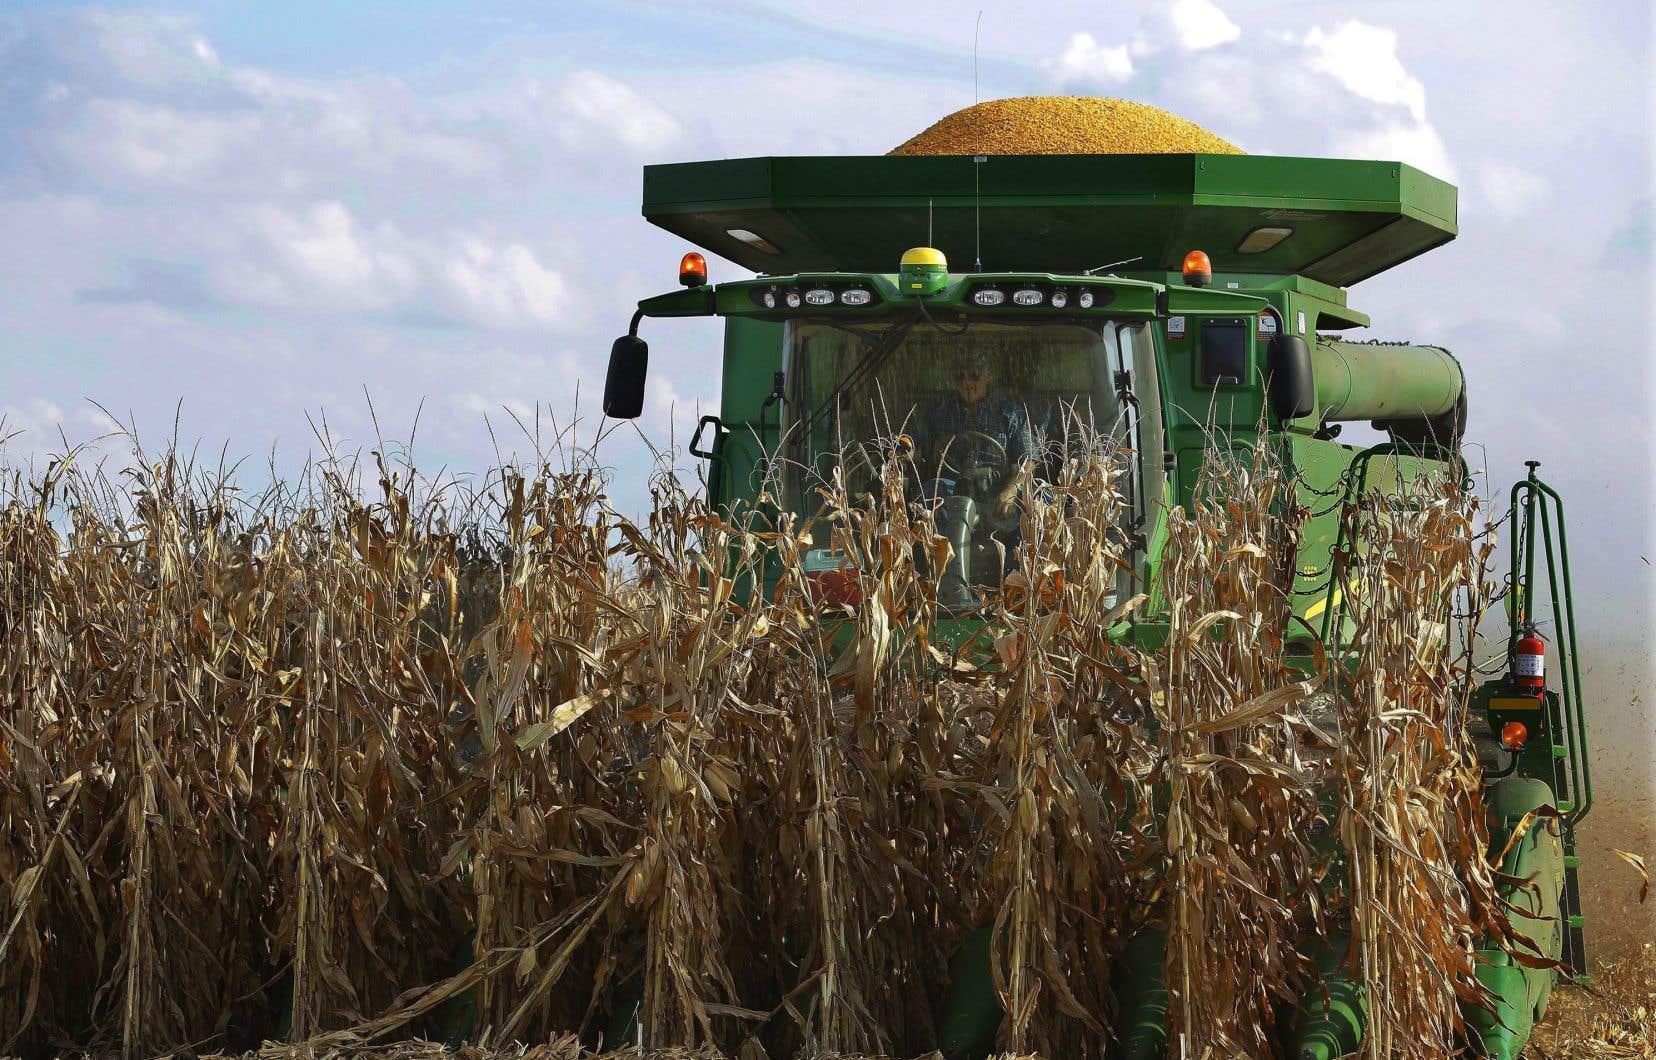 L'agronome Louis Robert a transmis des informations à des journalistes concernant l'ingérence de l'industrie agricole dans les recherches publiques sur les pesticides.